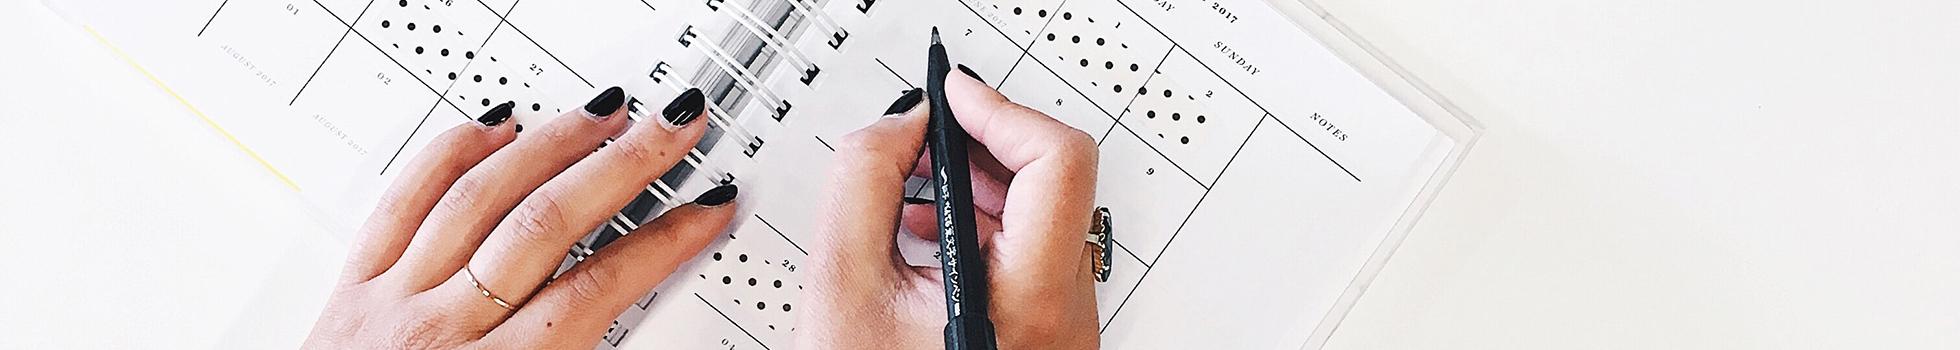 Woman writing a schedule on a calendar.